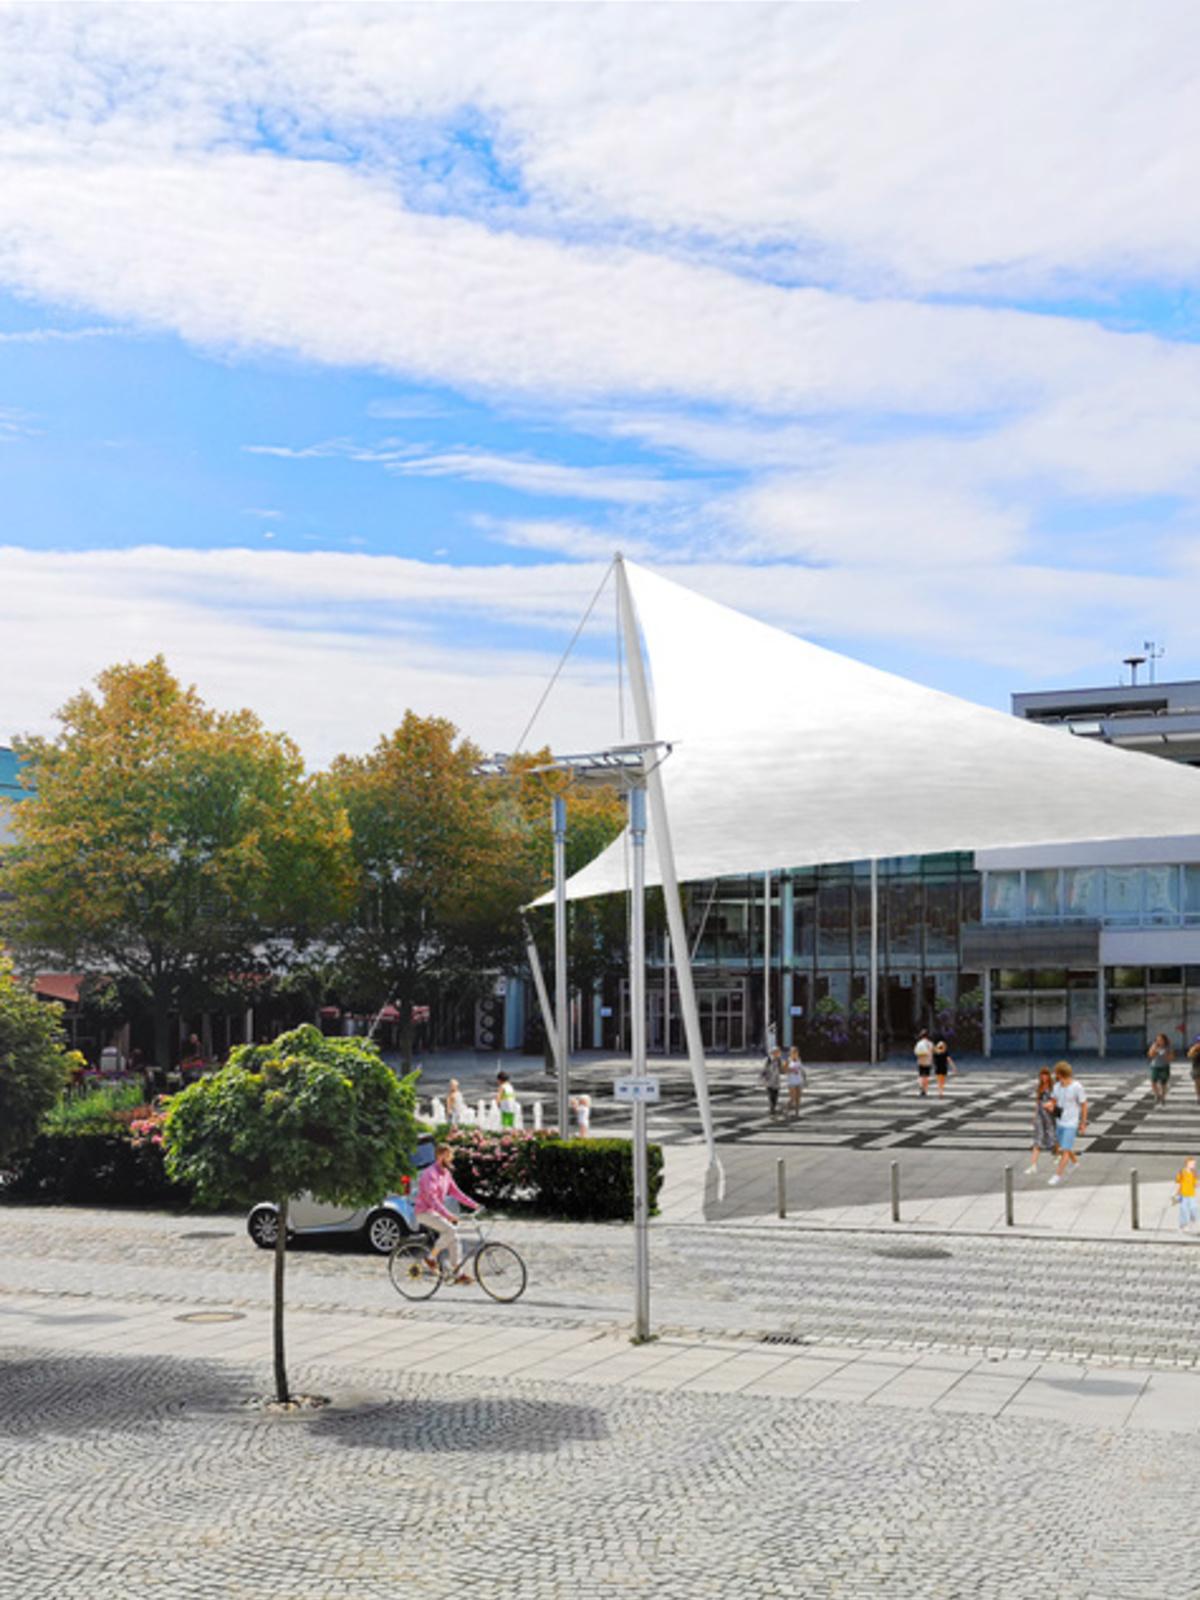 Neuer Stadtplatz mit Sonnensegel